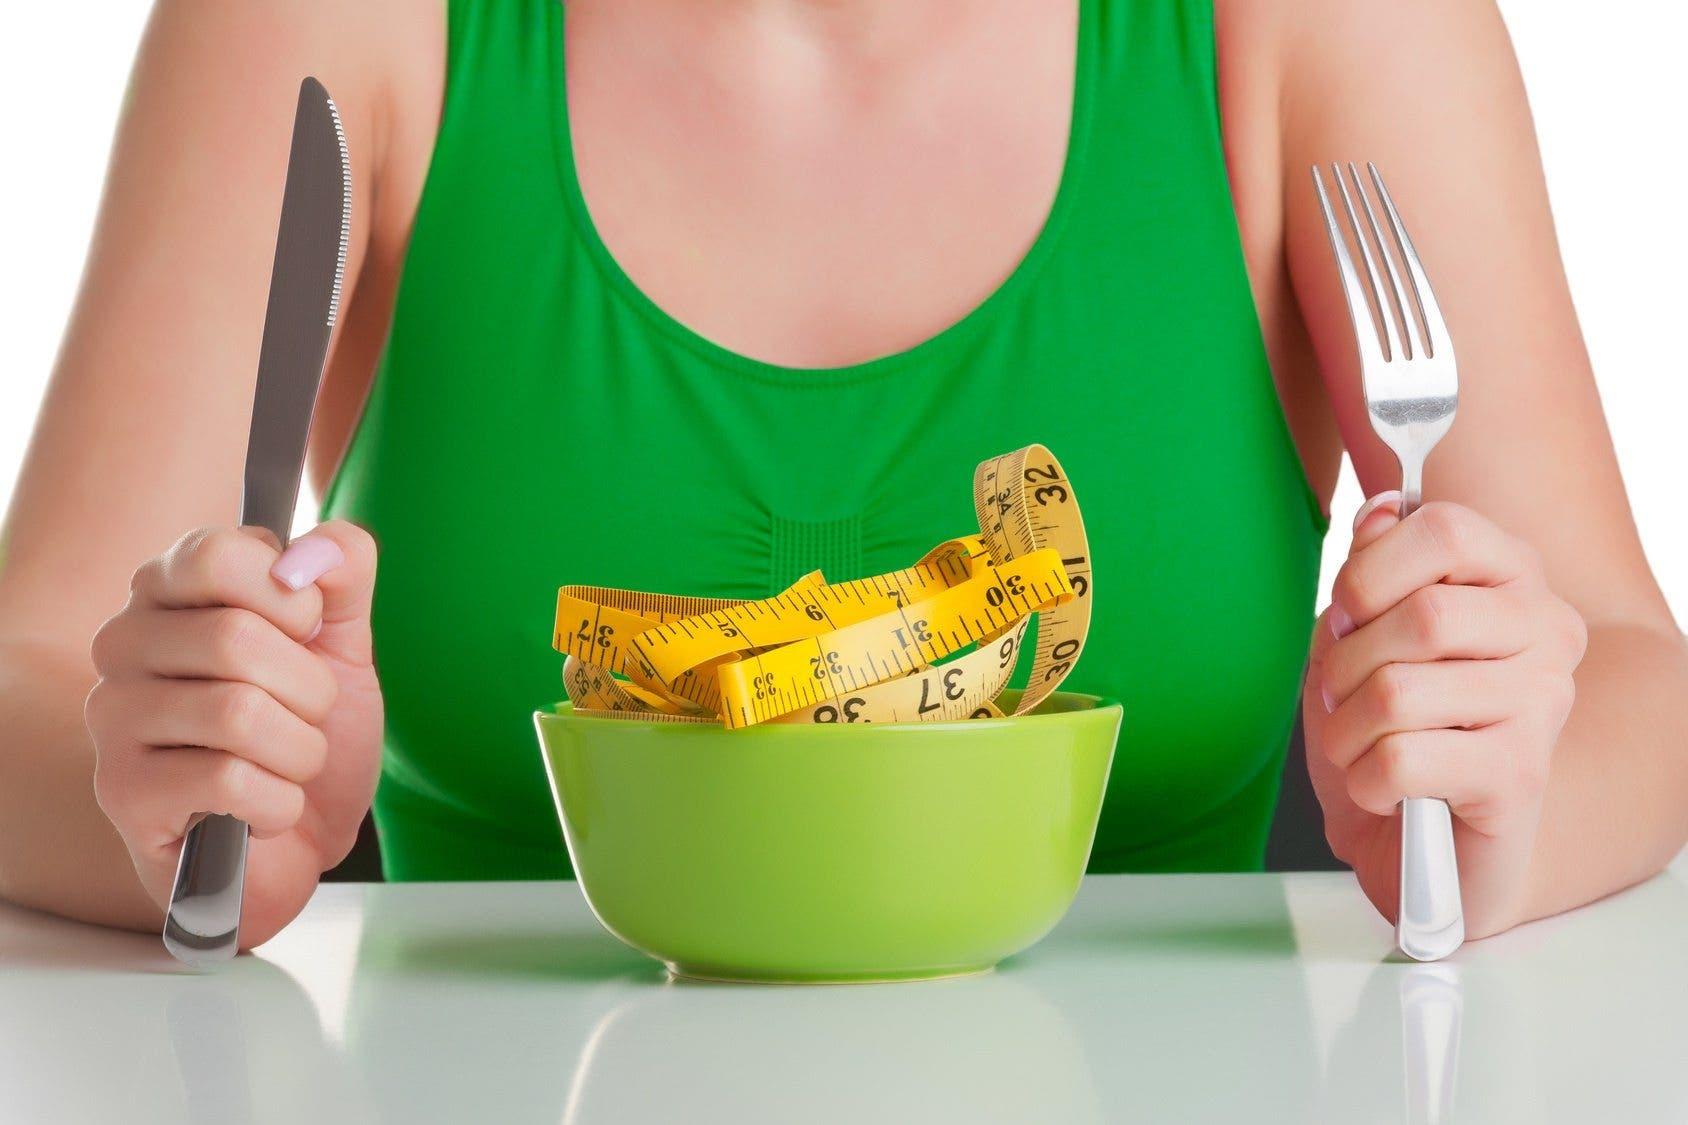 Los productos para el régimen con la restricción de las grasas y los hidratos de carbono